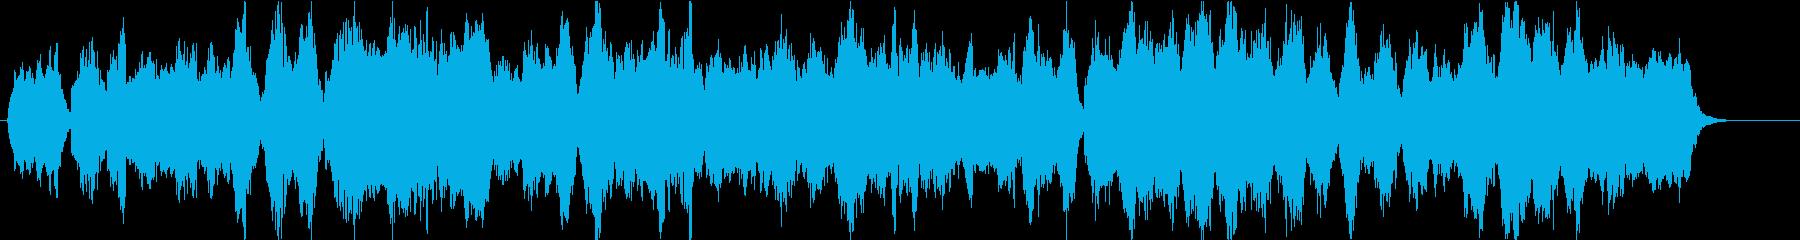 ストリングス主体の切ないオーケストラ楽曲の再生済みの波形